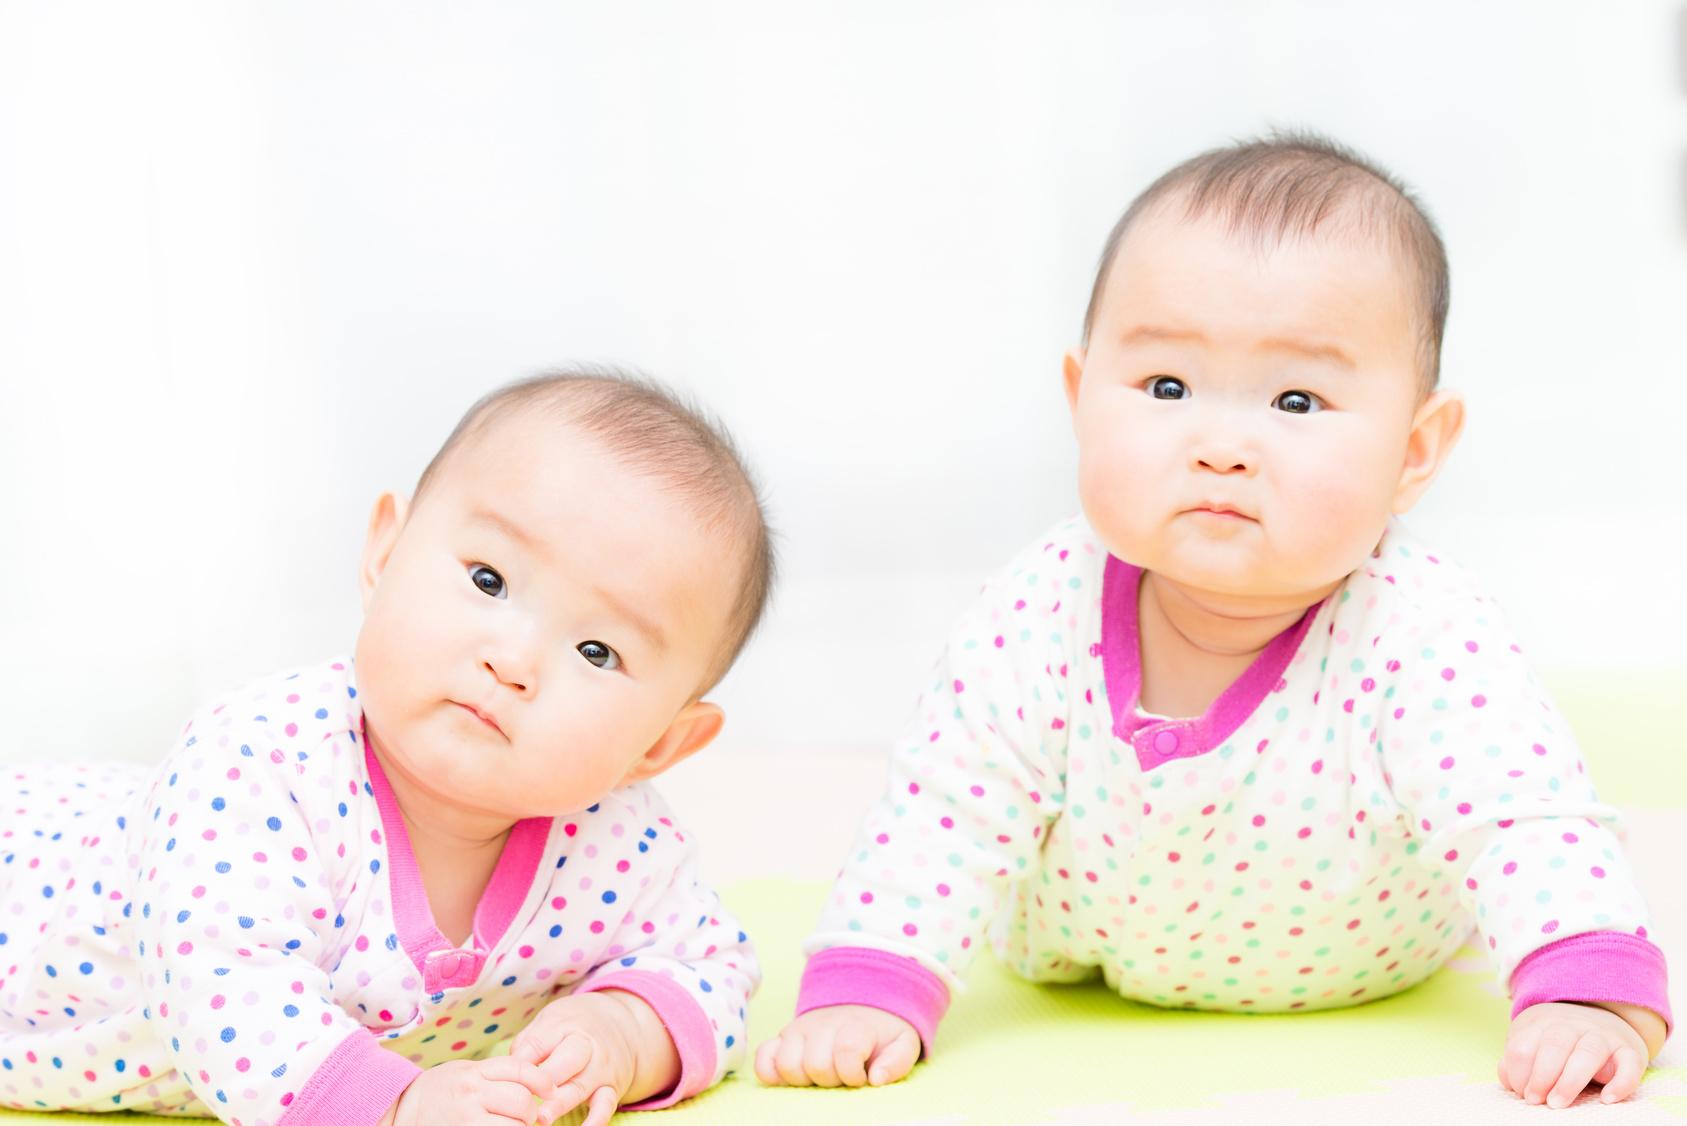 2人同時進行の育児を助けるグッズとは?【双子ちゃんがやって来た!vol.4】